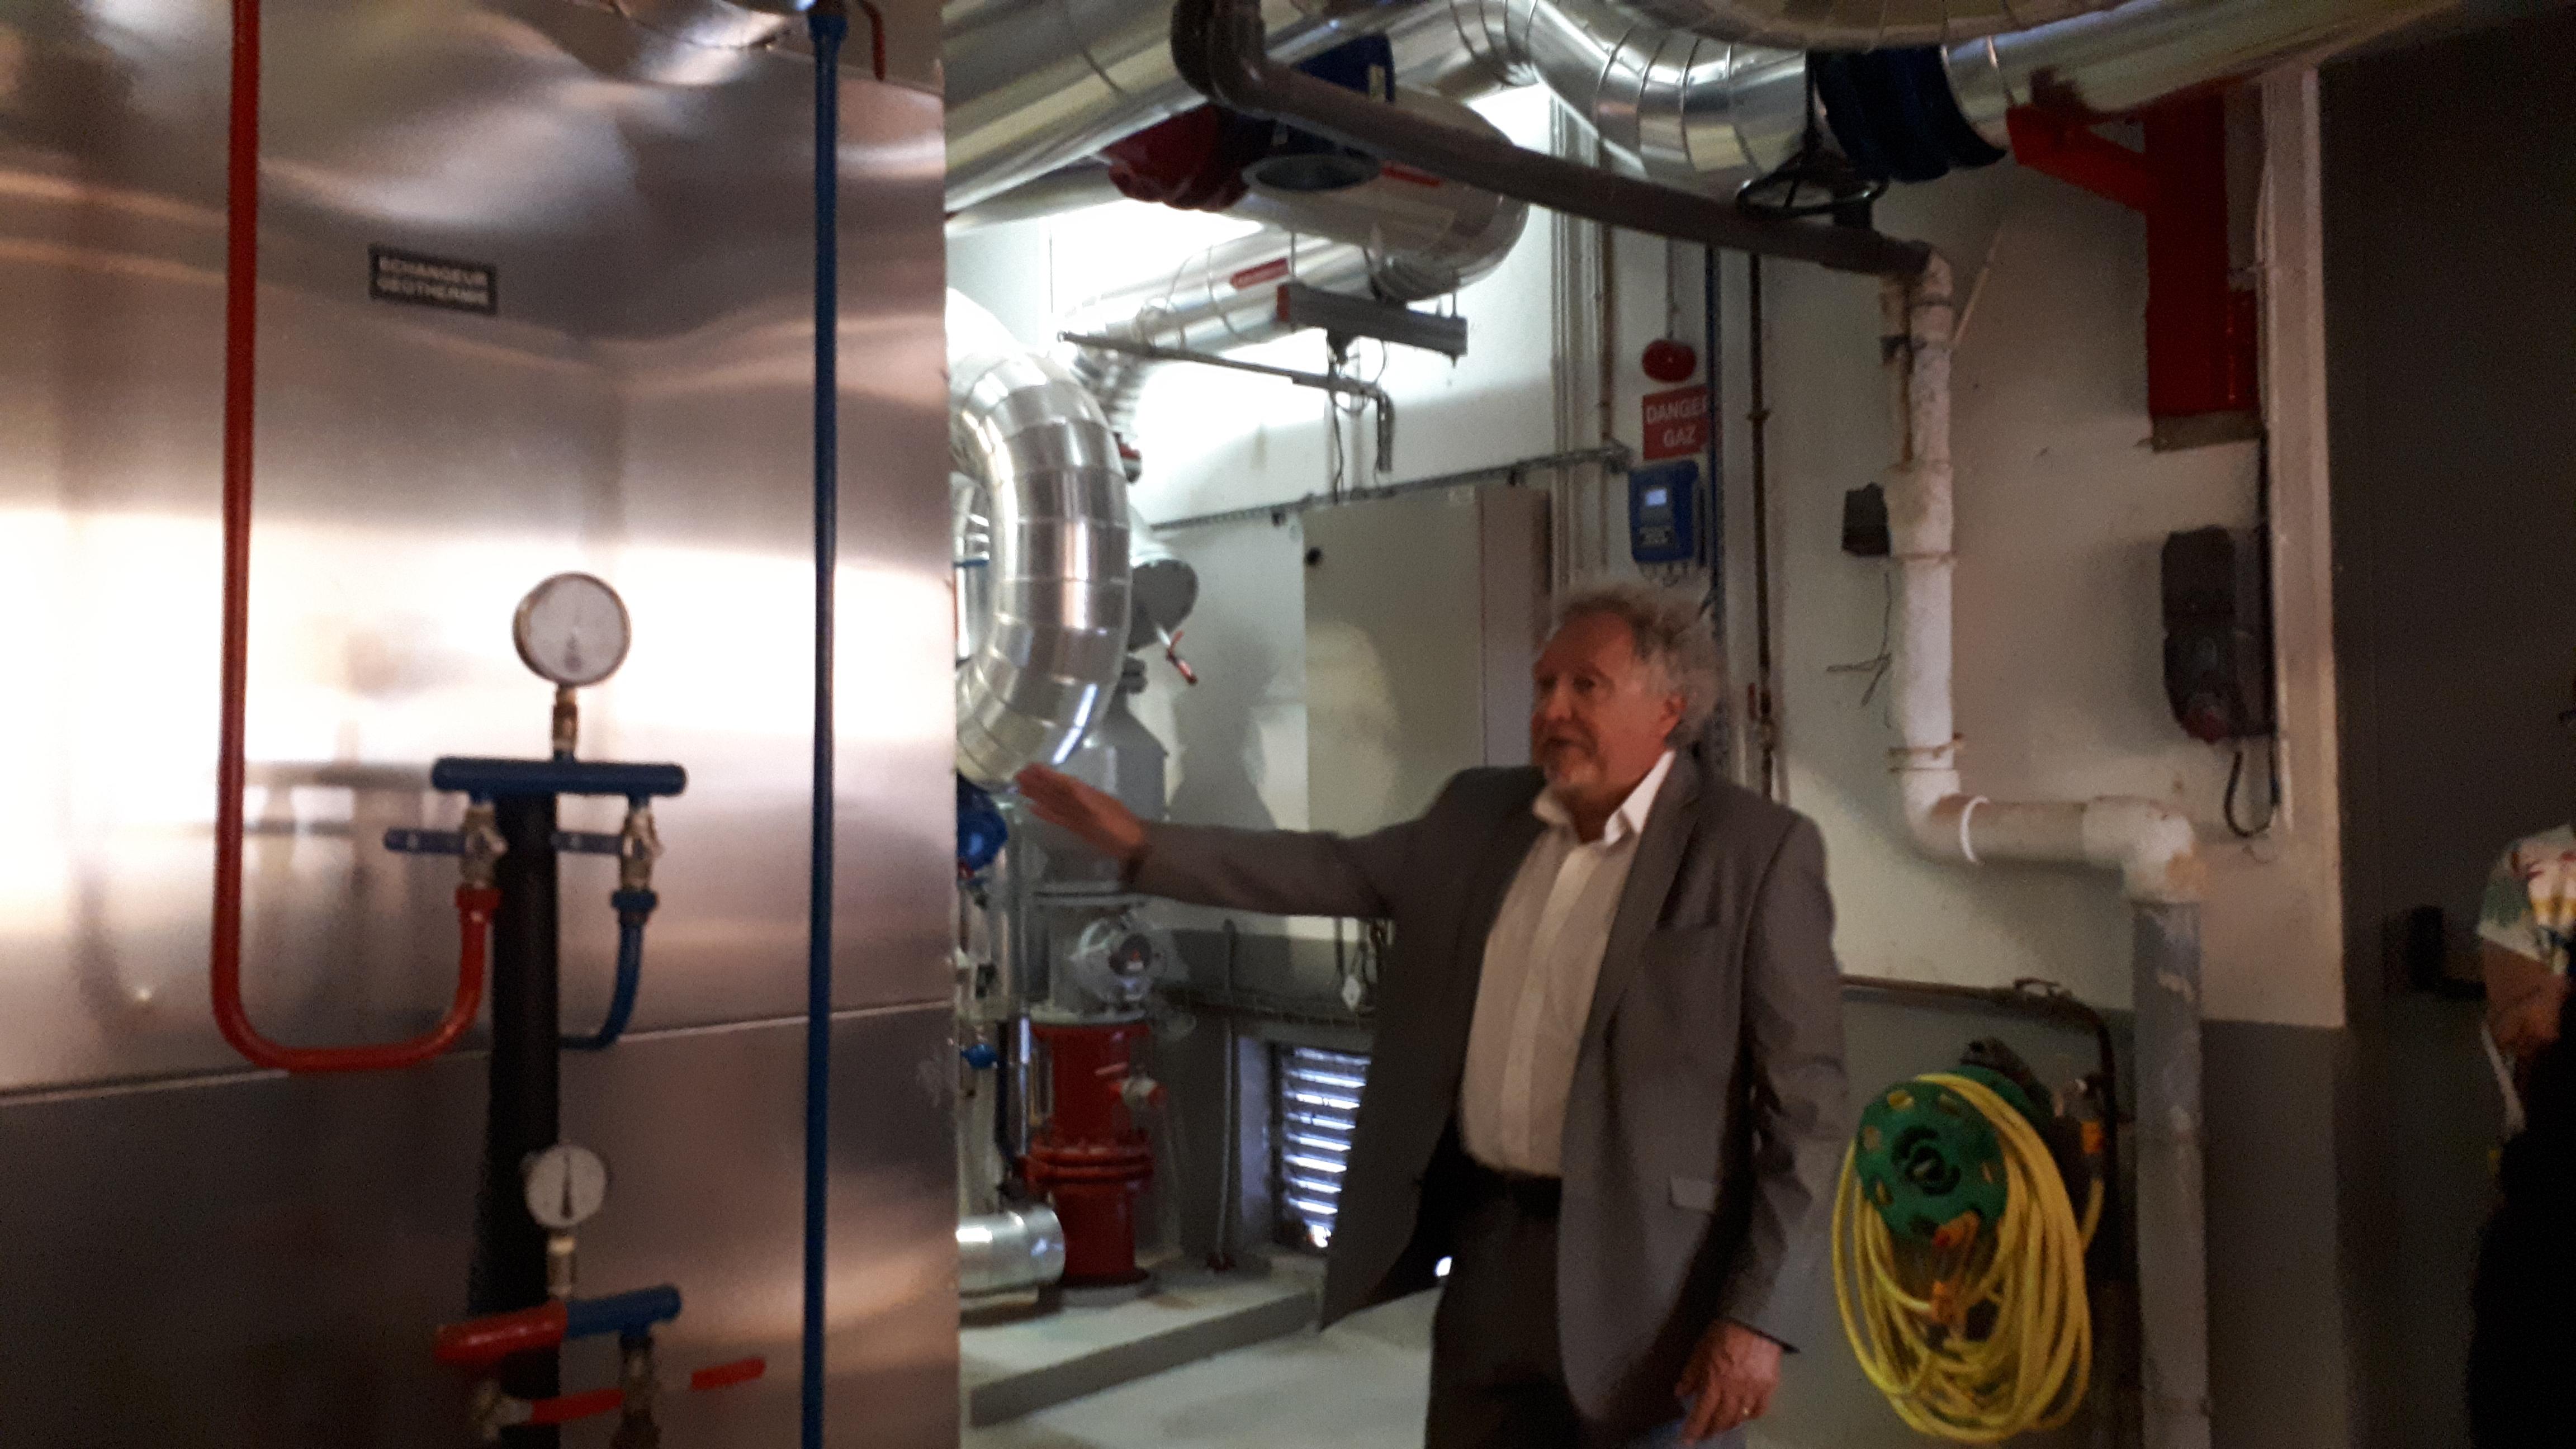 Maisons alfort dévoile l extension de son réseau de géothermie